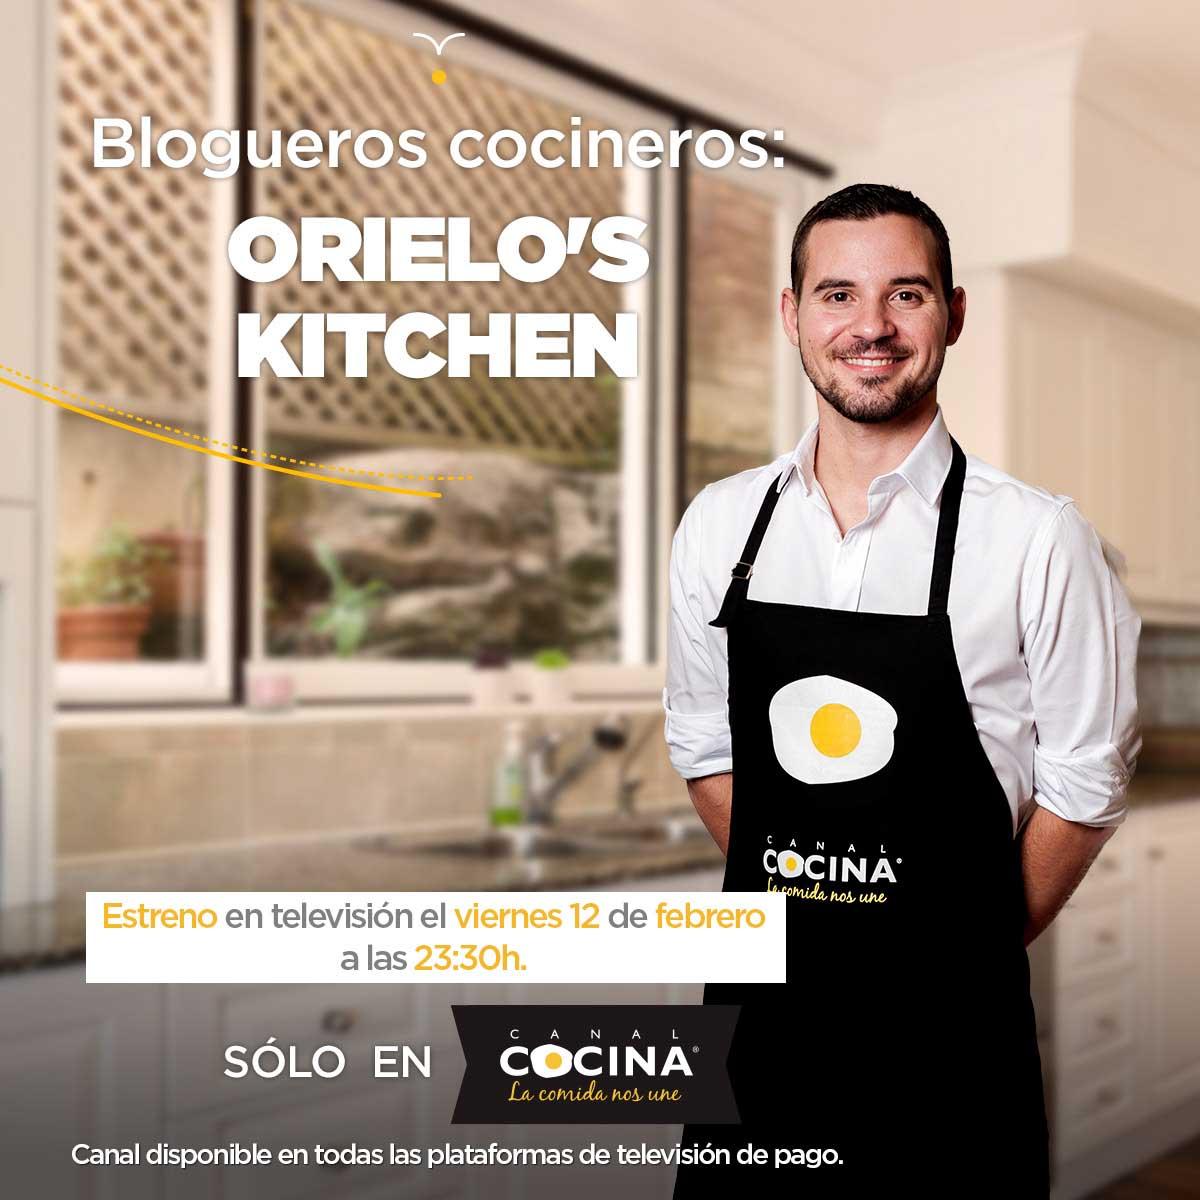 Orielo 39 s kitchen en canal cocina mi programa de for Cocineros de canal cocina